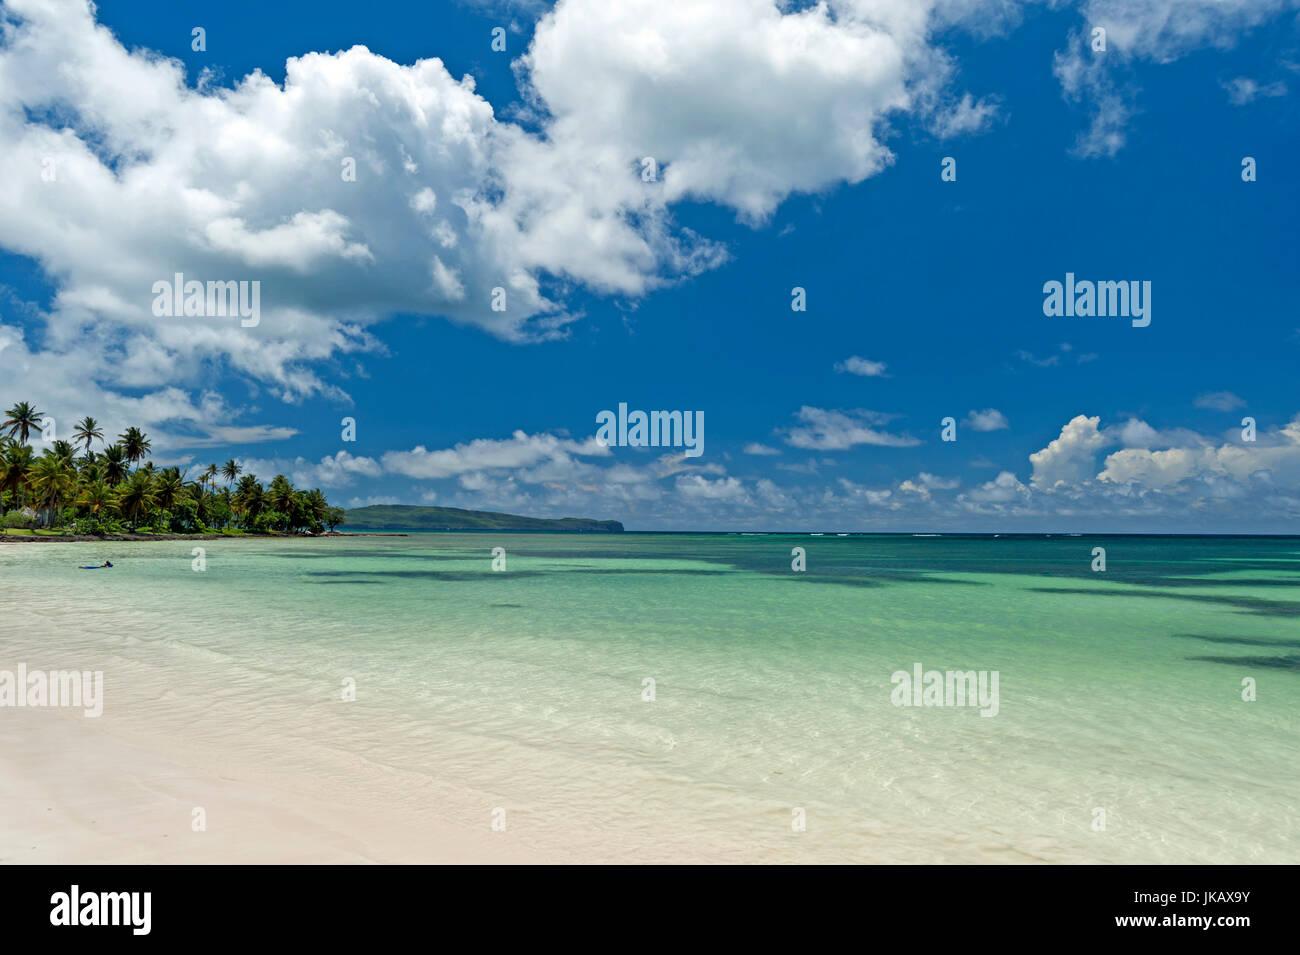 Playa de ensueño en la península de Samaná, República Dominicana.con el cielo azul. Imagen De Stock